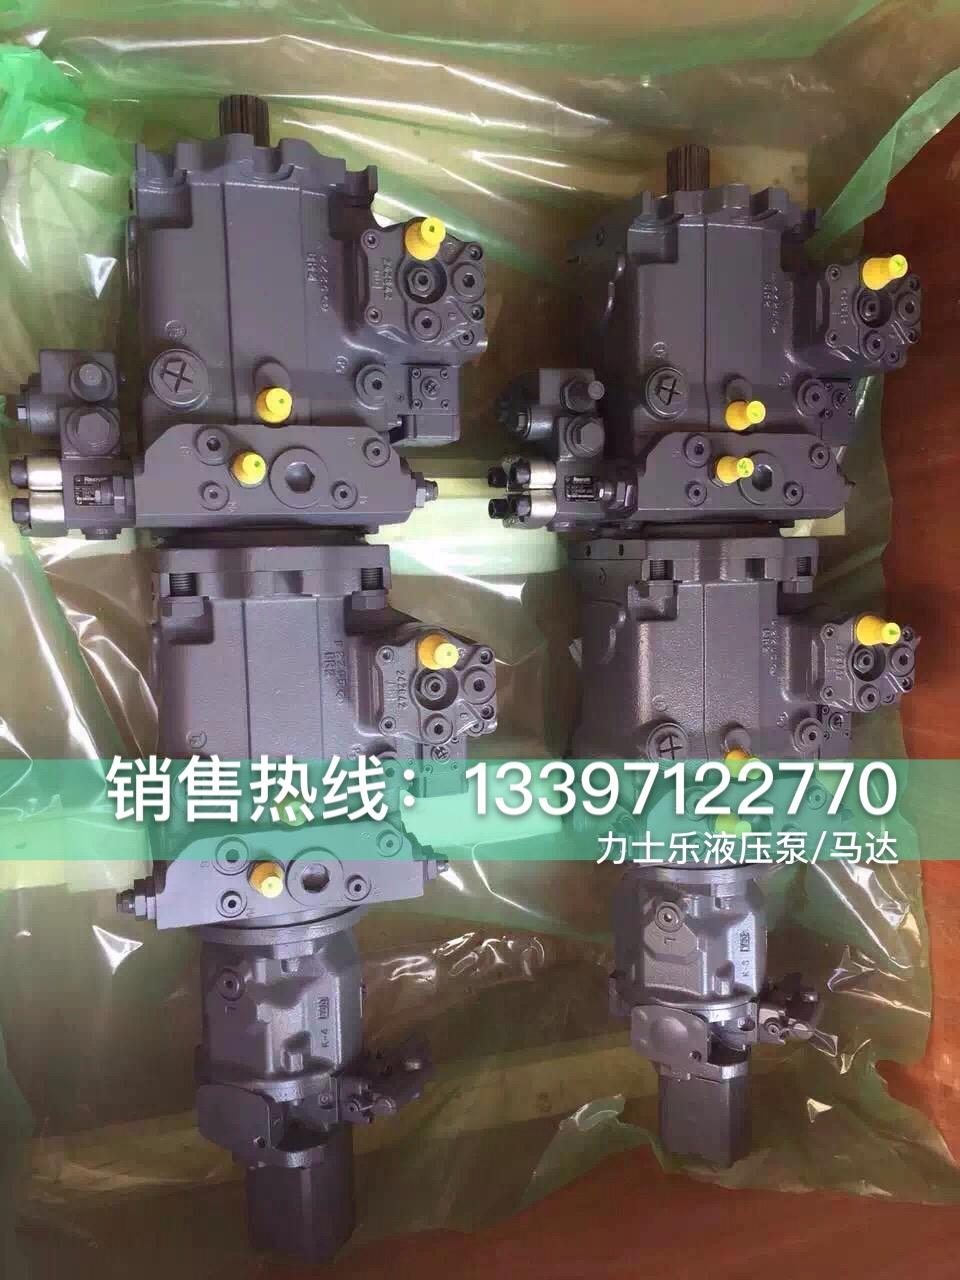 力士乐A4VG56EP4D1/32L-NSC02F015FP-S柱塞泵 德国